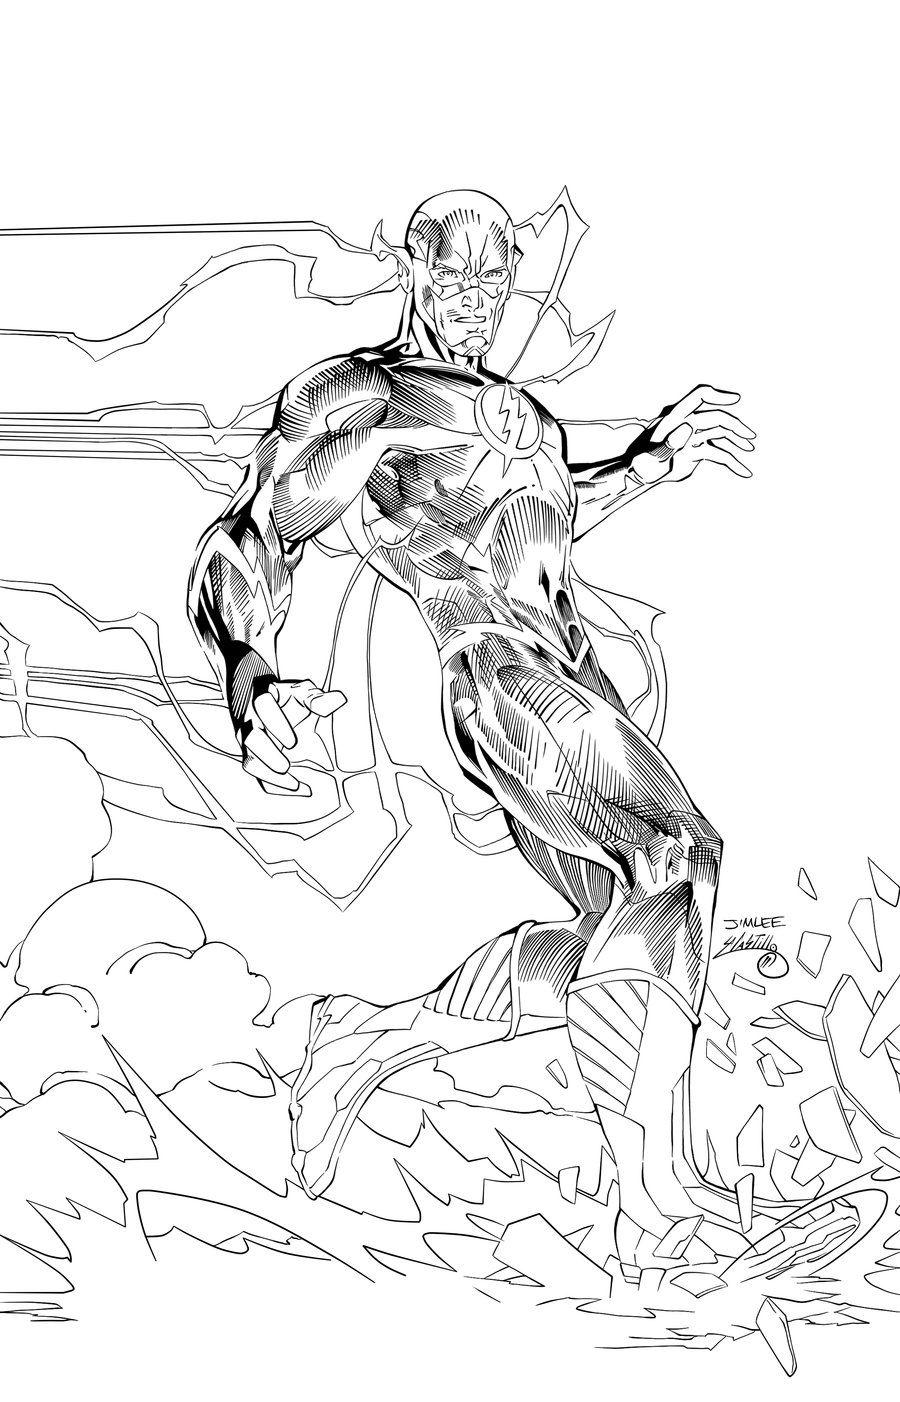 the flash ink 2swave18 on deviantart  jim lee art